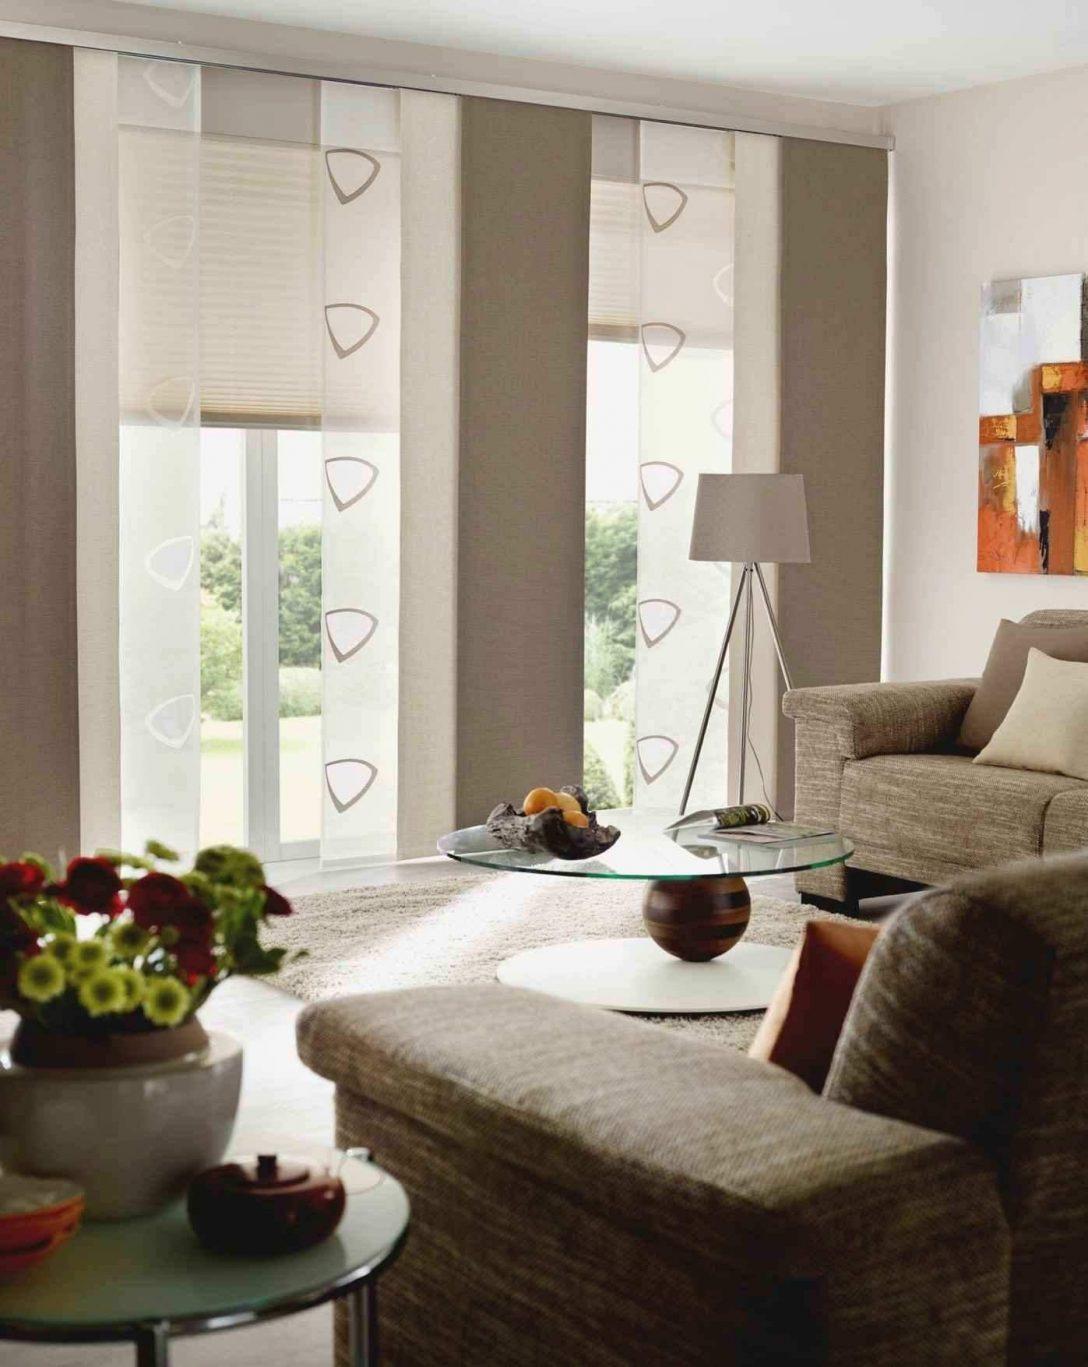 Large Size of Moderne Gardinen Wohnzimmer Fr Inspirierend 50 Oben Von Teppich Beleuchtung Decke Deckenleuchten Landhausstil Hängeschrank Anbauwand Vorhänge Deckenleuchte Wohnzimmer Moderne Gardinen Wohnzimmer